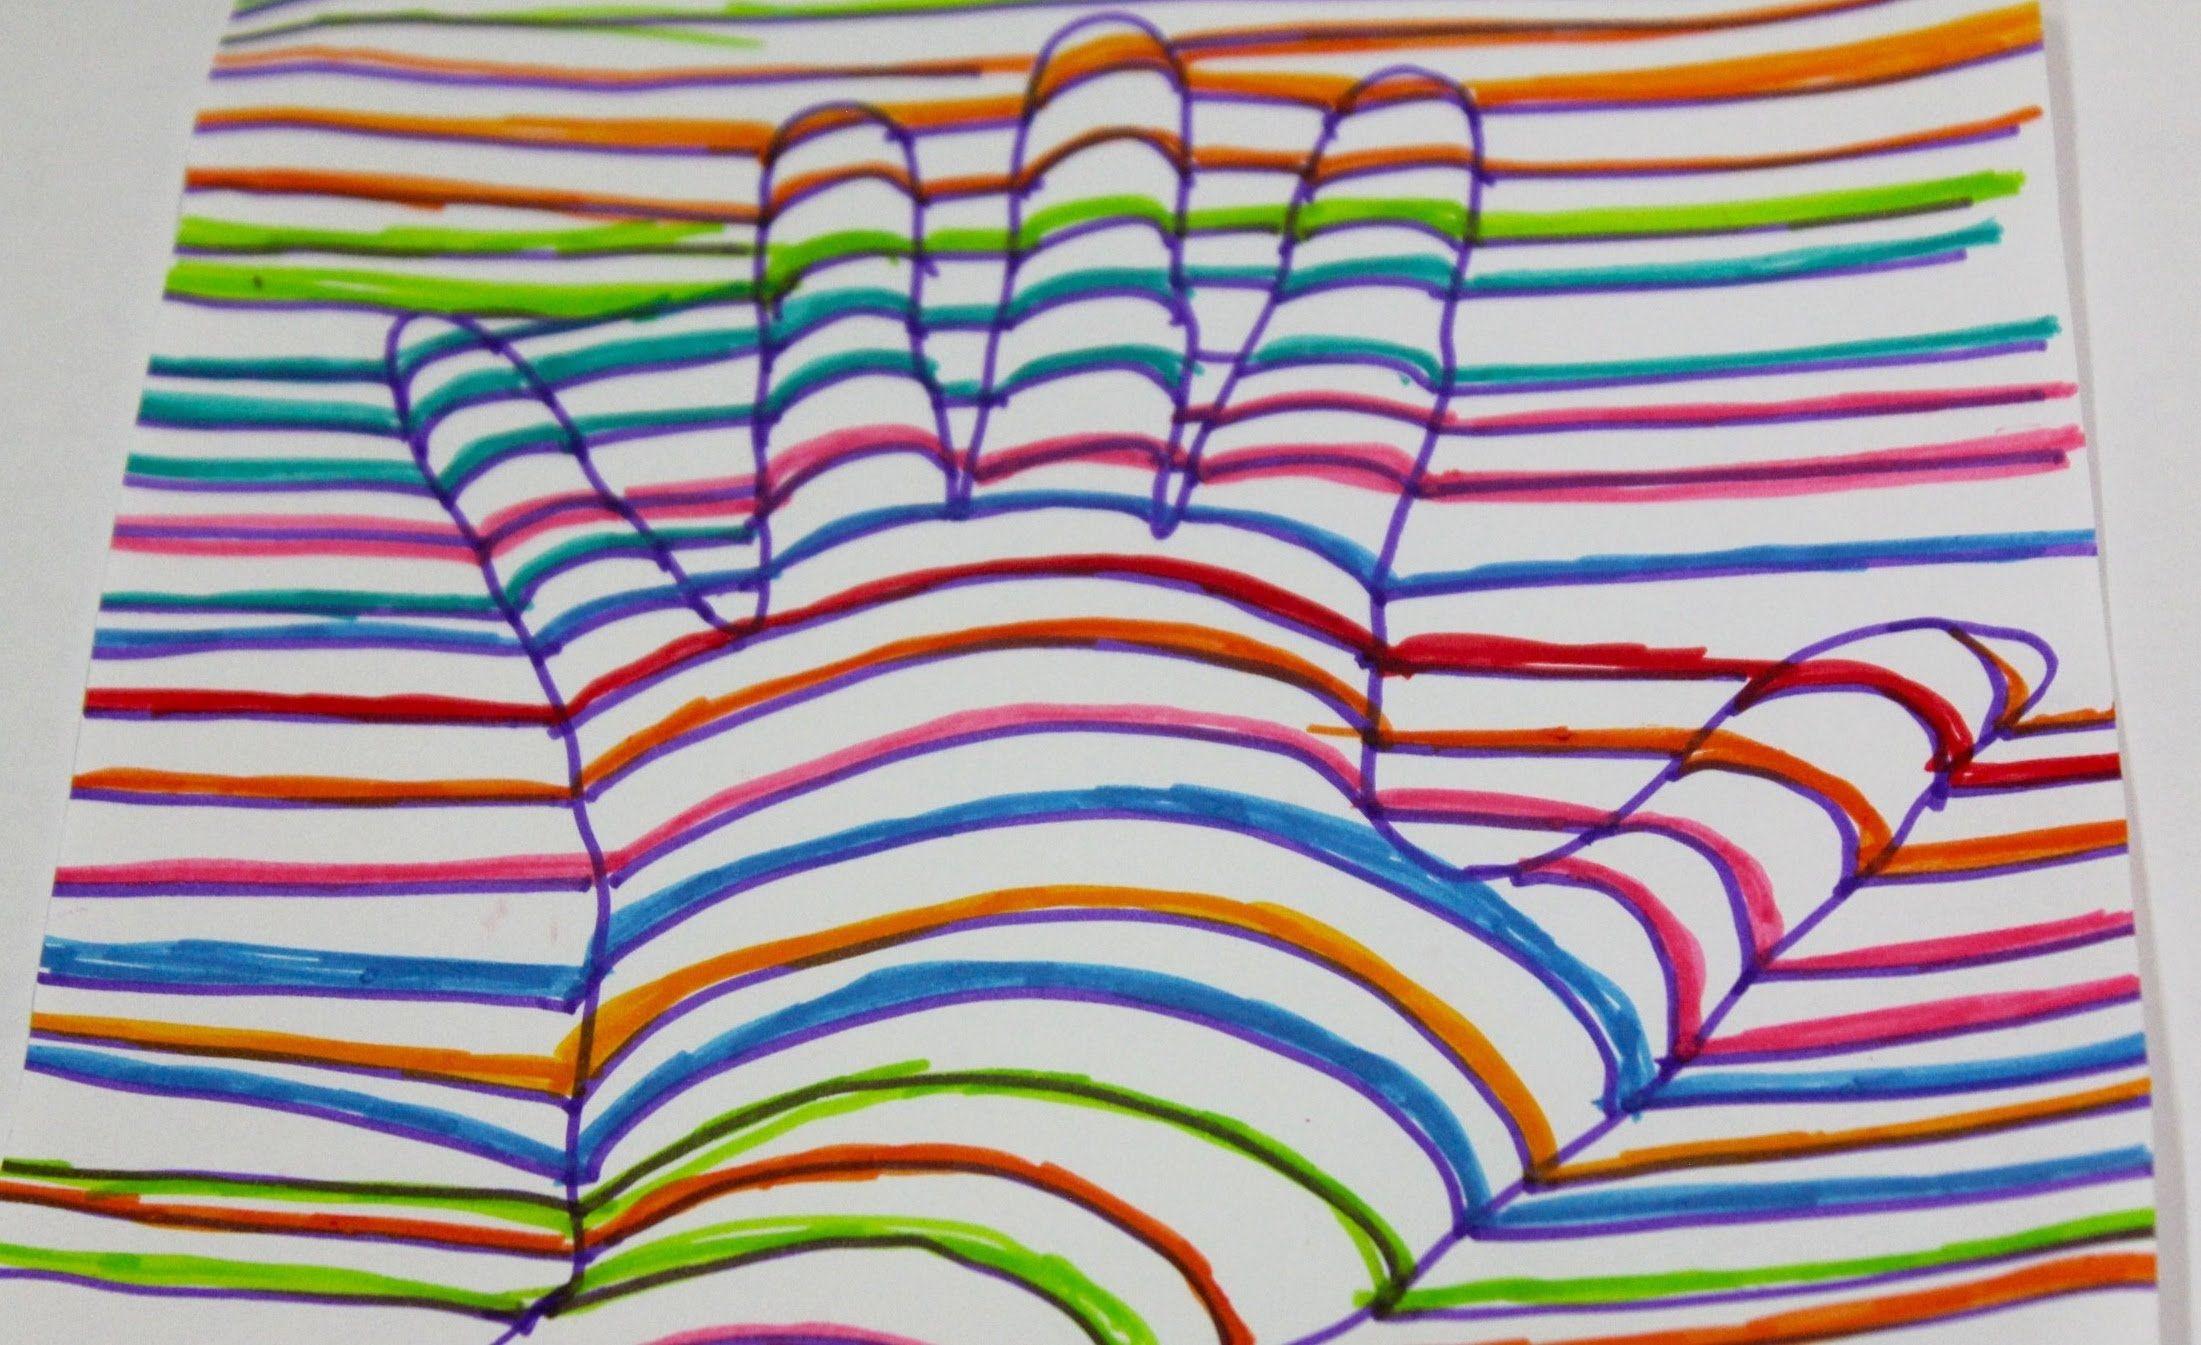 Discapacidademotora Com Dous Nenos Crean Unha Man Funcional Para A Súa Com Mano En 3d Ilusiones ópticas Para Niños Dibujos Con Lineas Curvas